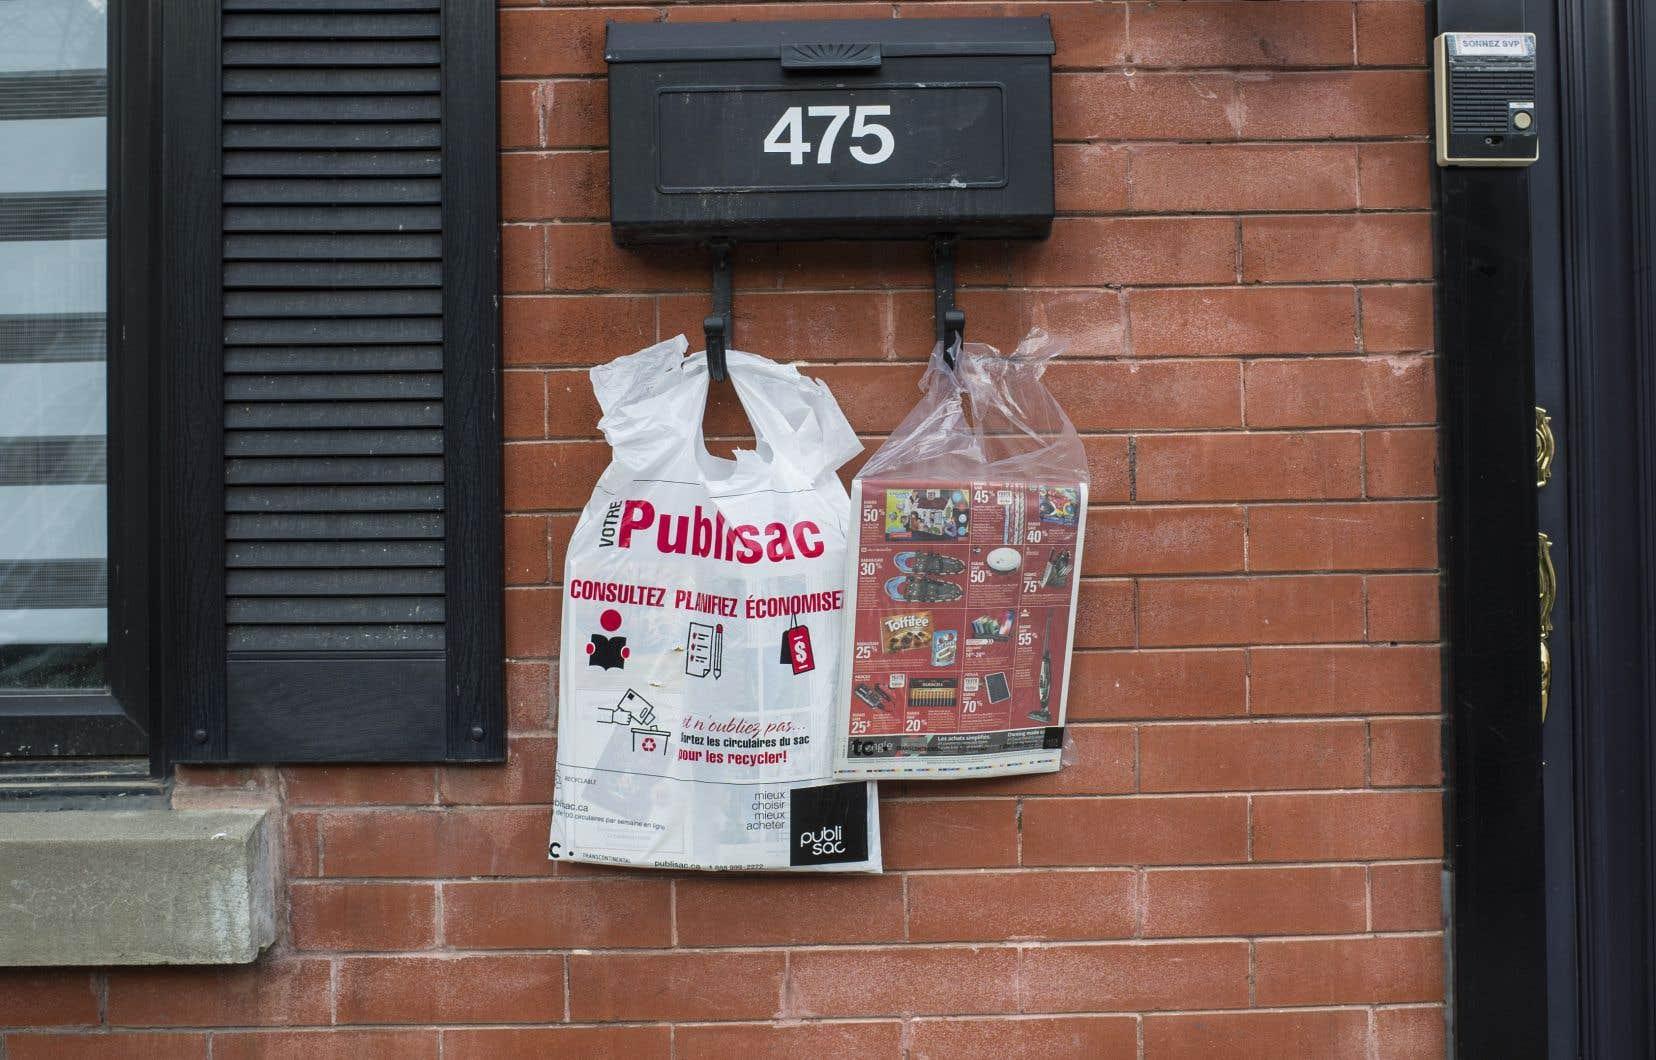 Les élus recommandent également que les emballages en plastique soient interdits ou remplacés par des emballages qui n'ont pas à être séparés de leur contenu pour être recyclés.